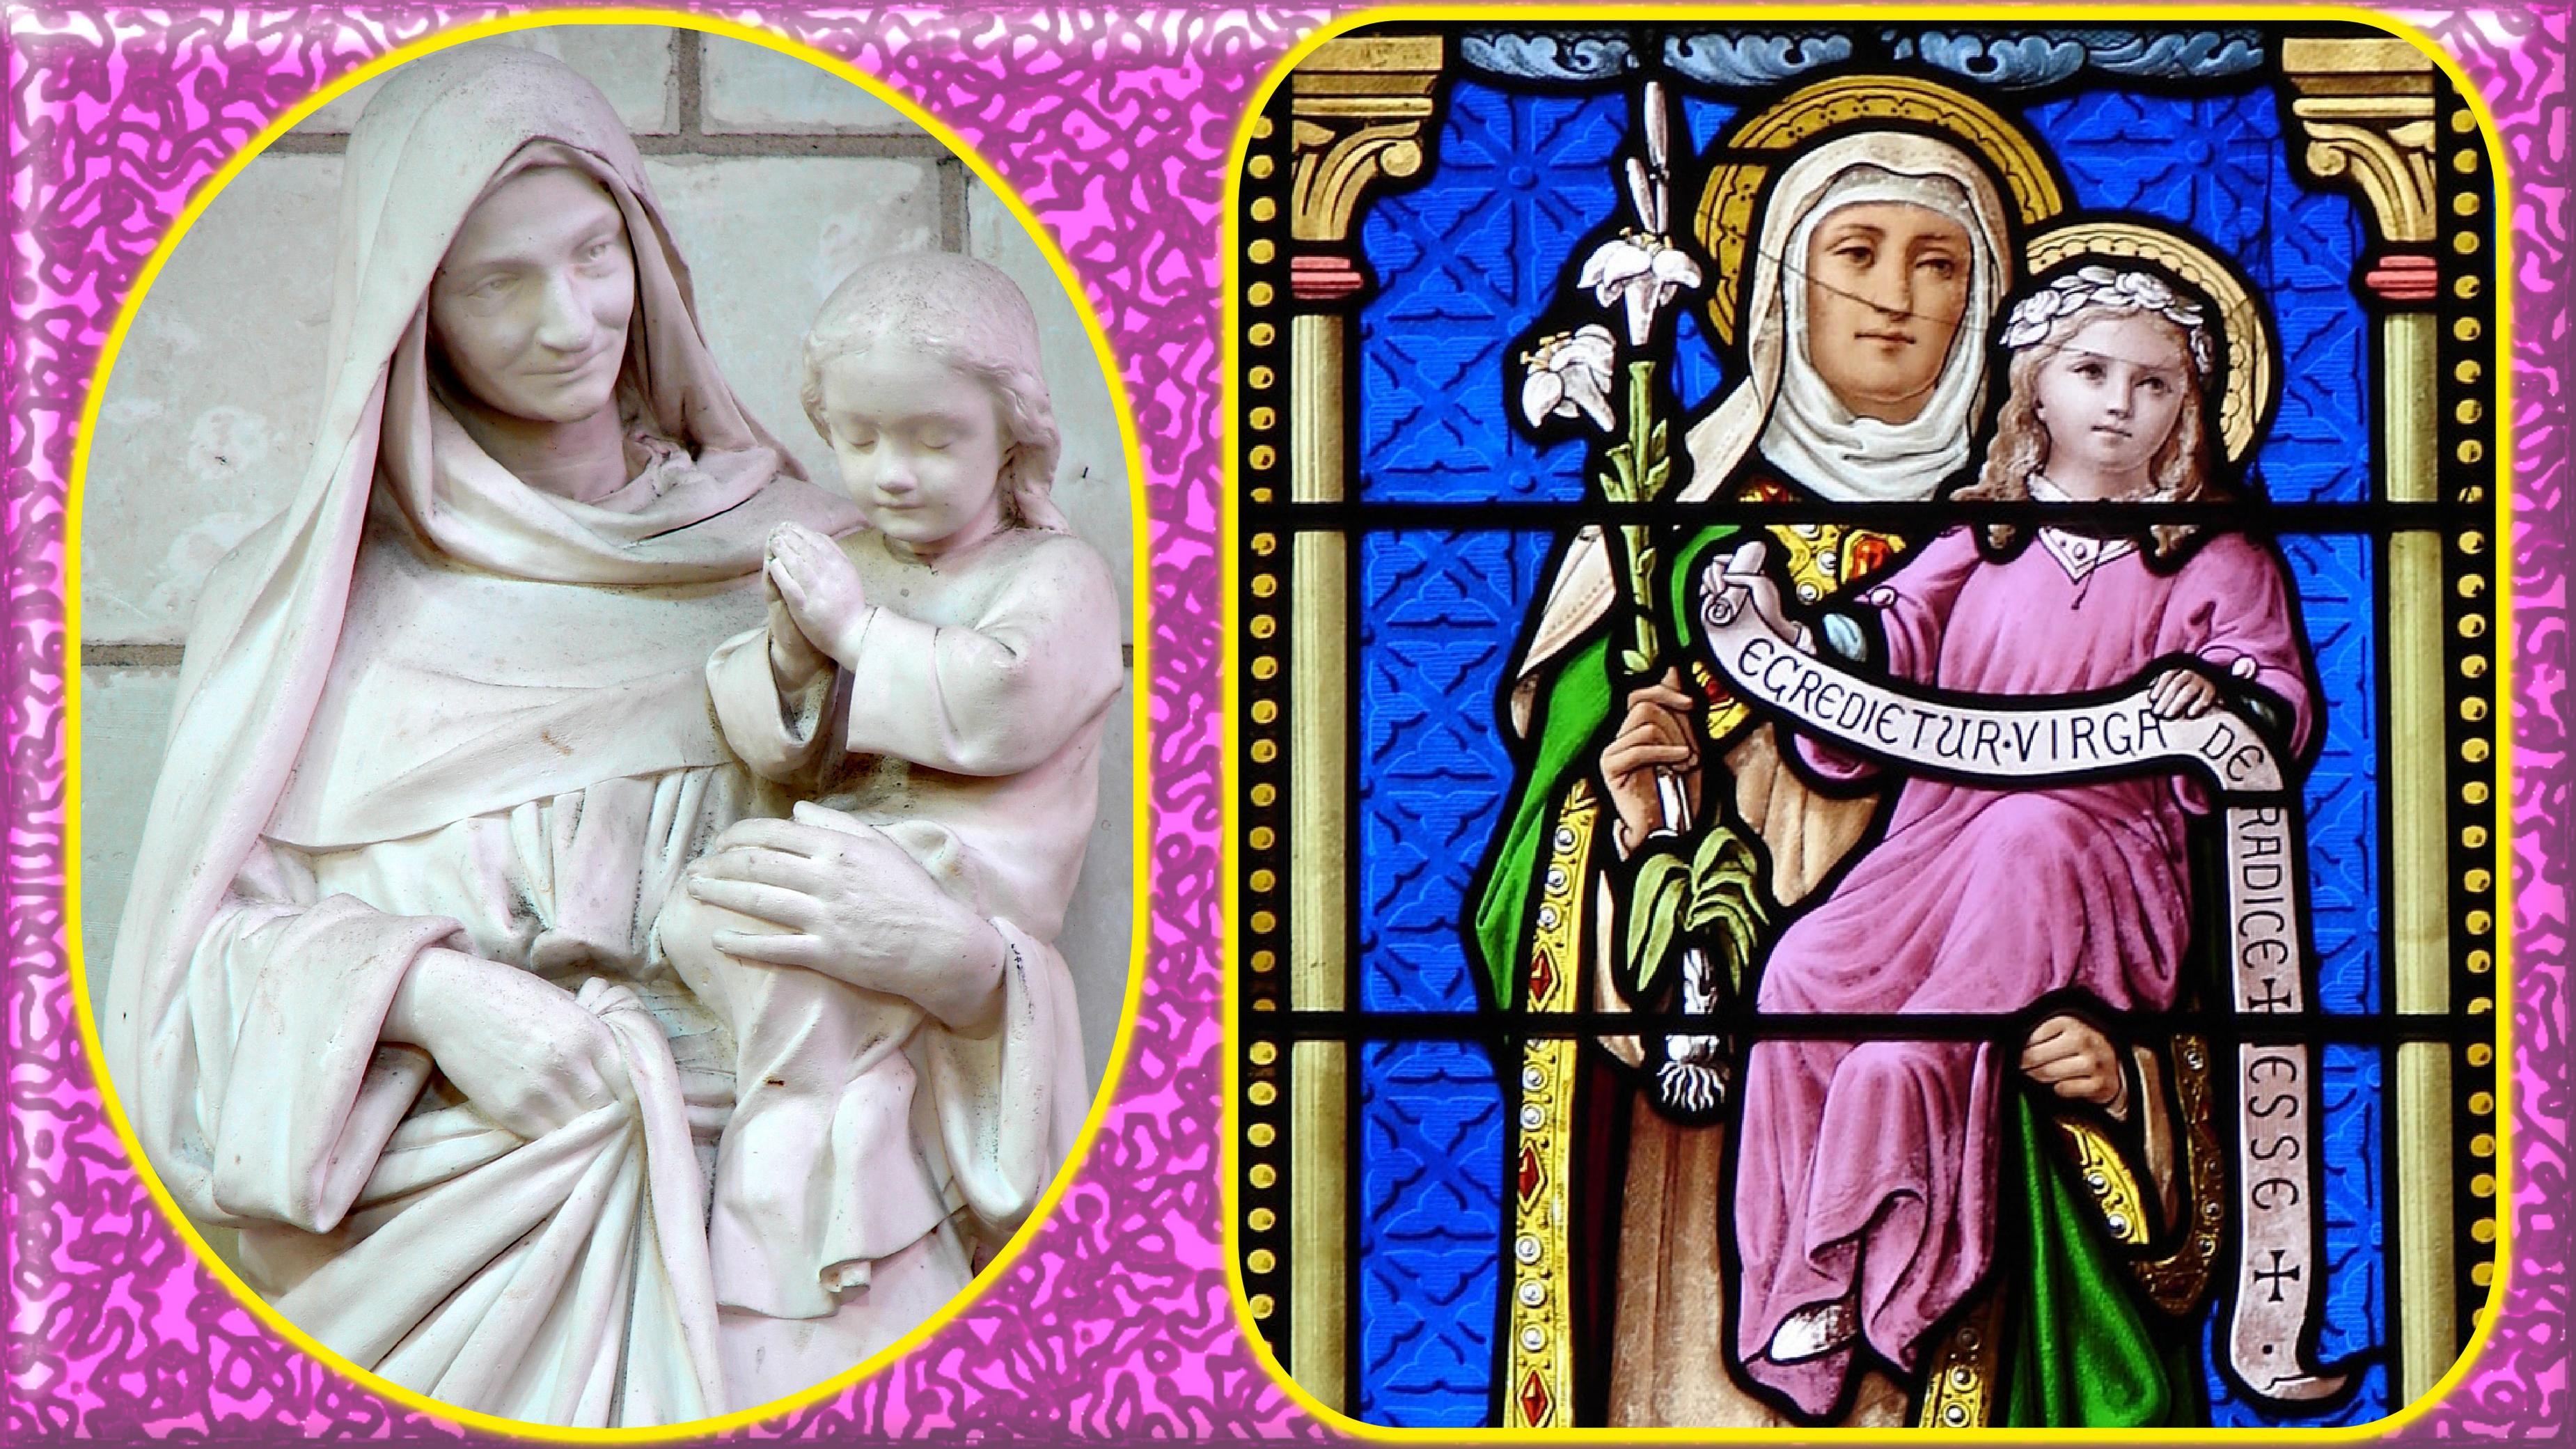 CALENDRIER CATHOLIQUE 2019 (Cantiques, Prières & Images) - Page 3 Ste-anne-marie-enfant-5664c0d